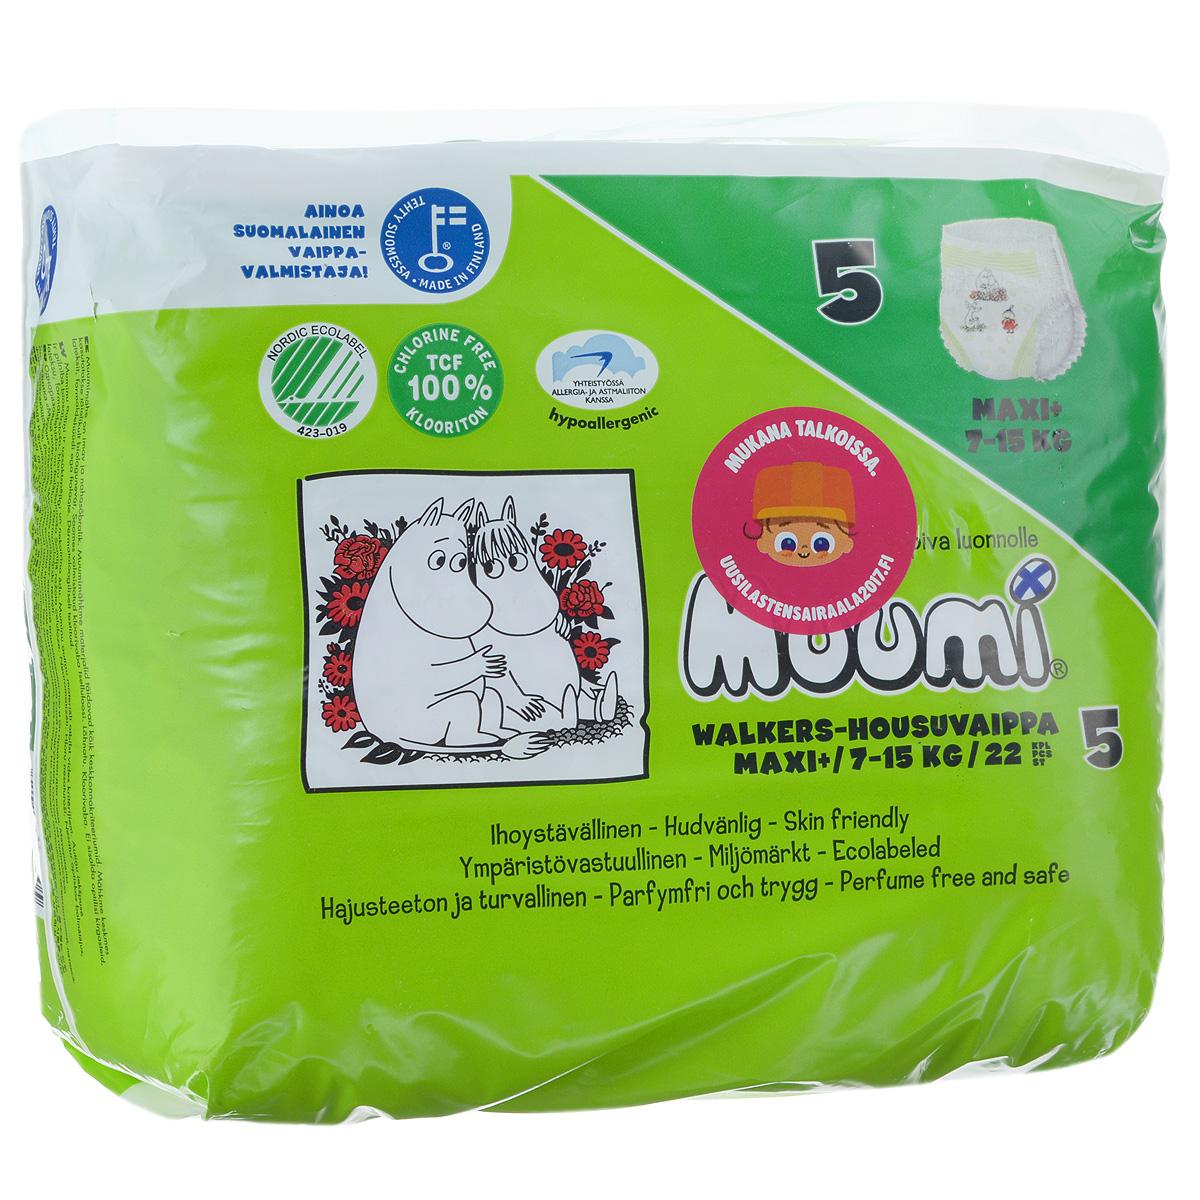 Muumi Подгузники-трусики Walkers Maxi+ 5, 7-15 кг, 22 шт59310Muumi Walkers Maxi+ - это 100% биоразлагающиеся одноразовые гипоаллергенные подгузники-трусики, обладающие хорошей впитываемостью. Впитывающий слой состоит из полностью биоразлагающейся, бесхлорной финской целлюлозы. Поверхность подгузника остается сухой, благодаря мембране, мгновенно пропускающей влагу, средний слой с минимальным содержанием суперабсорбента связывает жидкость в гель, в результате нежная кожа ребенка остается сухой и здоровой. Подгузники без ароматизации, очищены кислородом и без хлора, они не содержат оптических осветлителей, латекса, формальдегида и фталатов. Дерматологически протестированы. Материалы отвечают экологическим критериям. Особенности: - ткань AIR позволяет коже ребенка дышать, при этом удерживая влагу, - застежки с многократной фиксацией исключают открывание при движении ребенка, - красочная лицевая часть застежки, - эластичный гофрированный пояс не сковывает движений малыша и предотвращает протекание с концов...